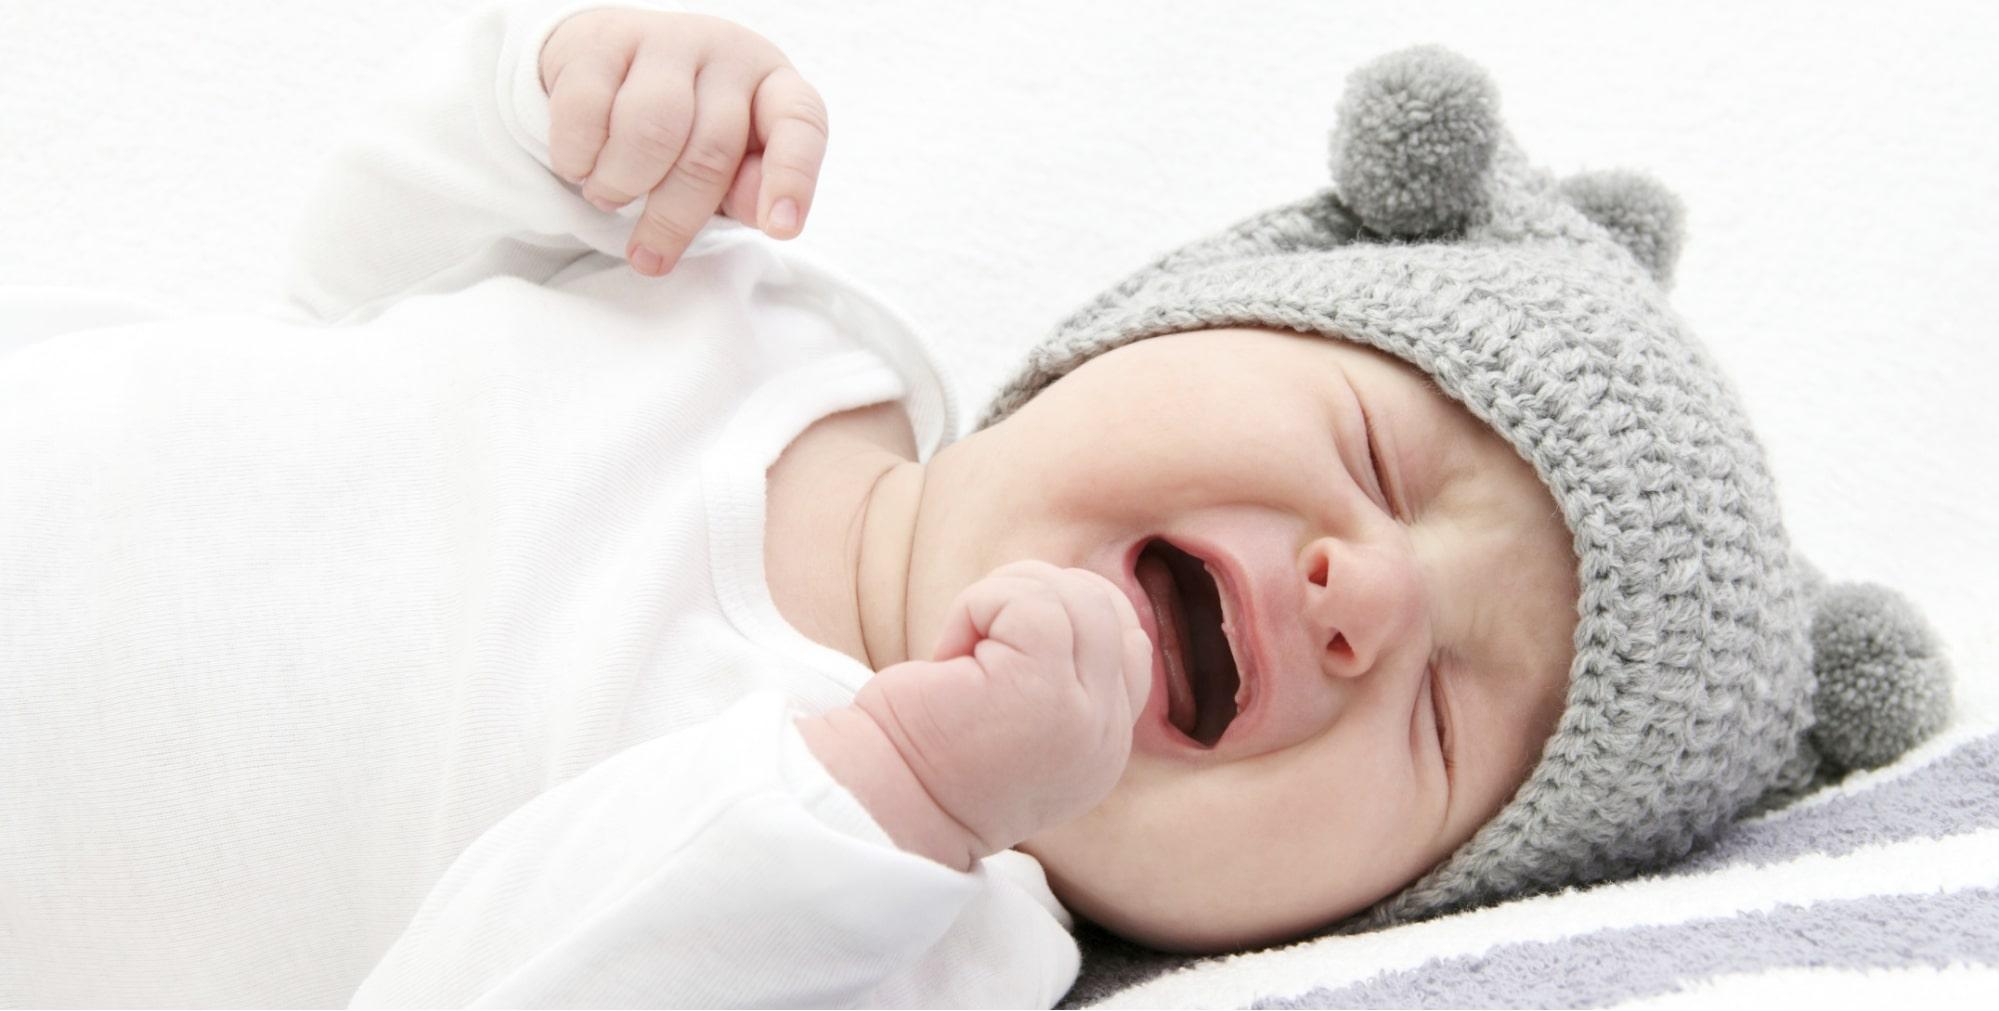 Trẻ thiếu sắt dễ bị cáu gắt hoặc hay khóc